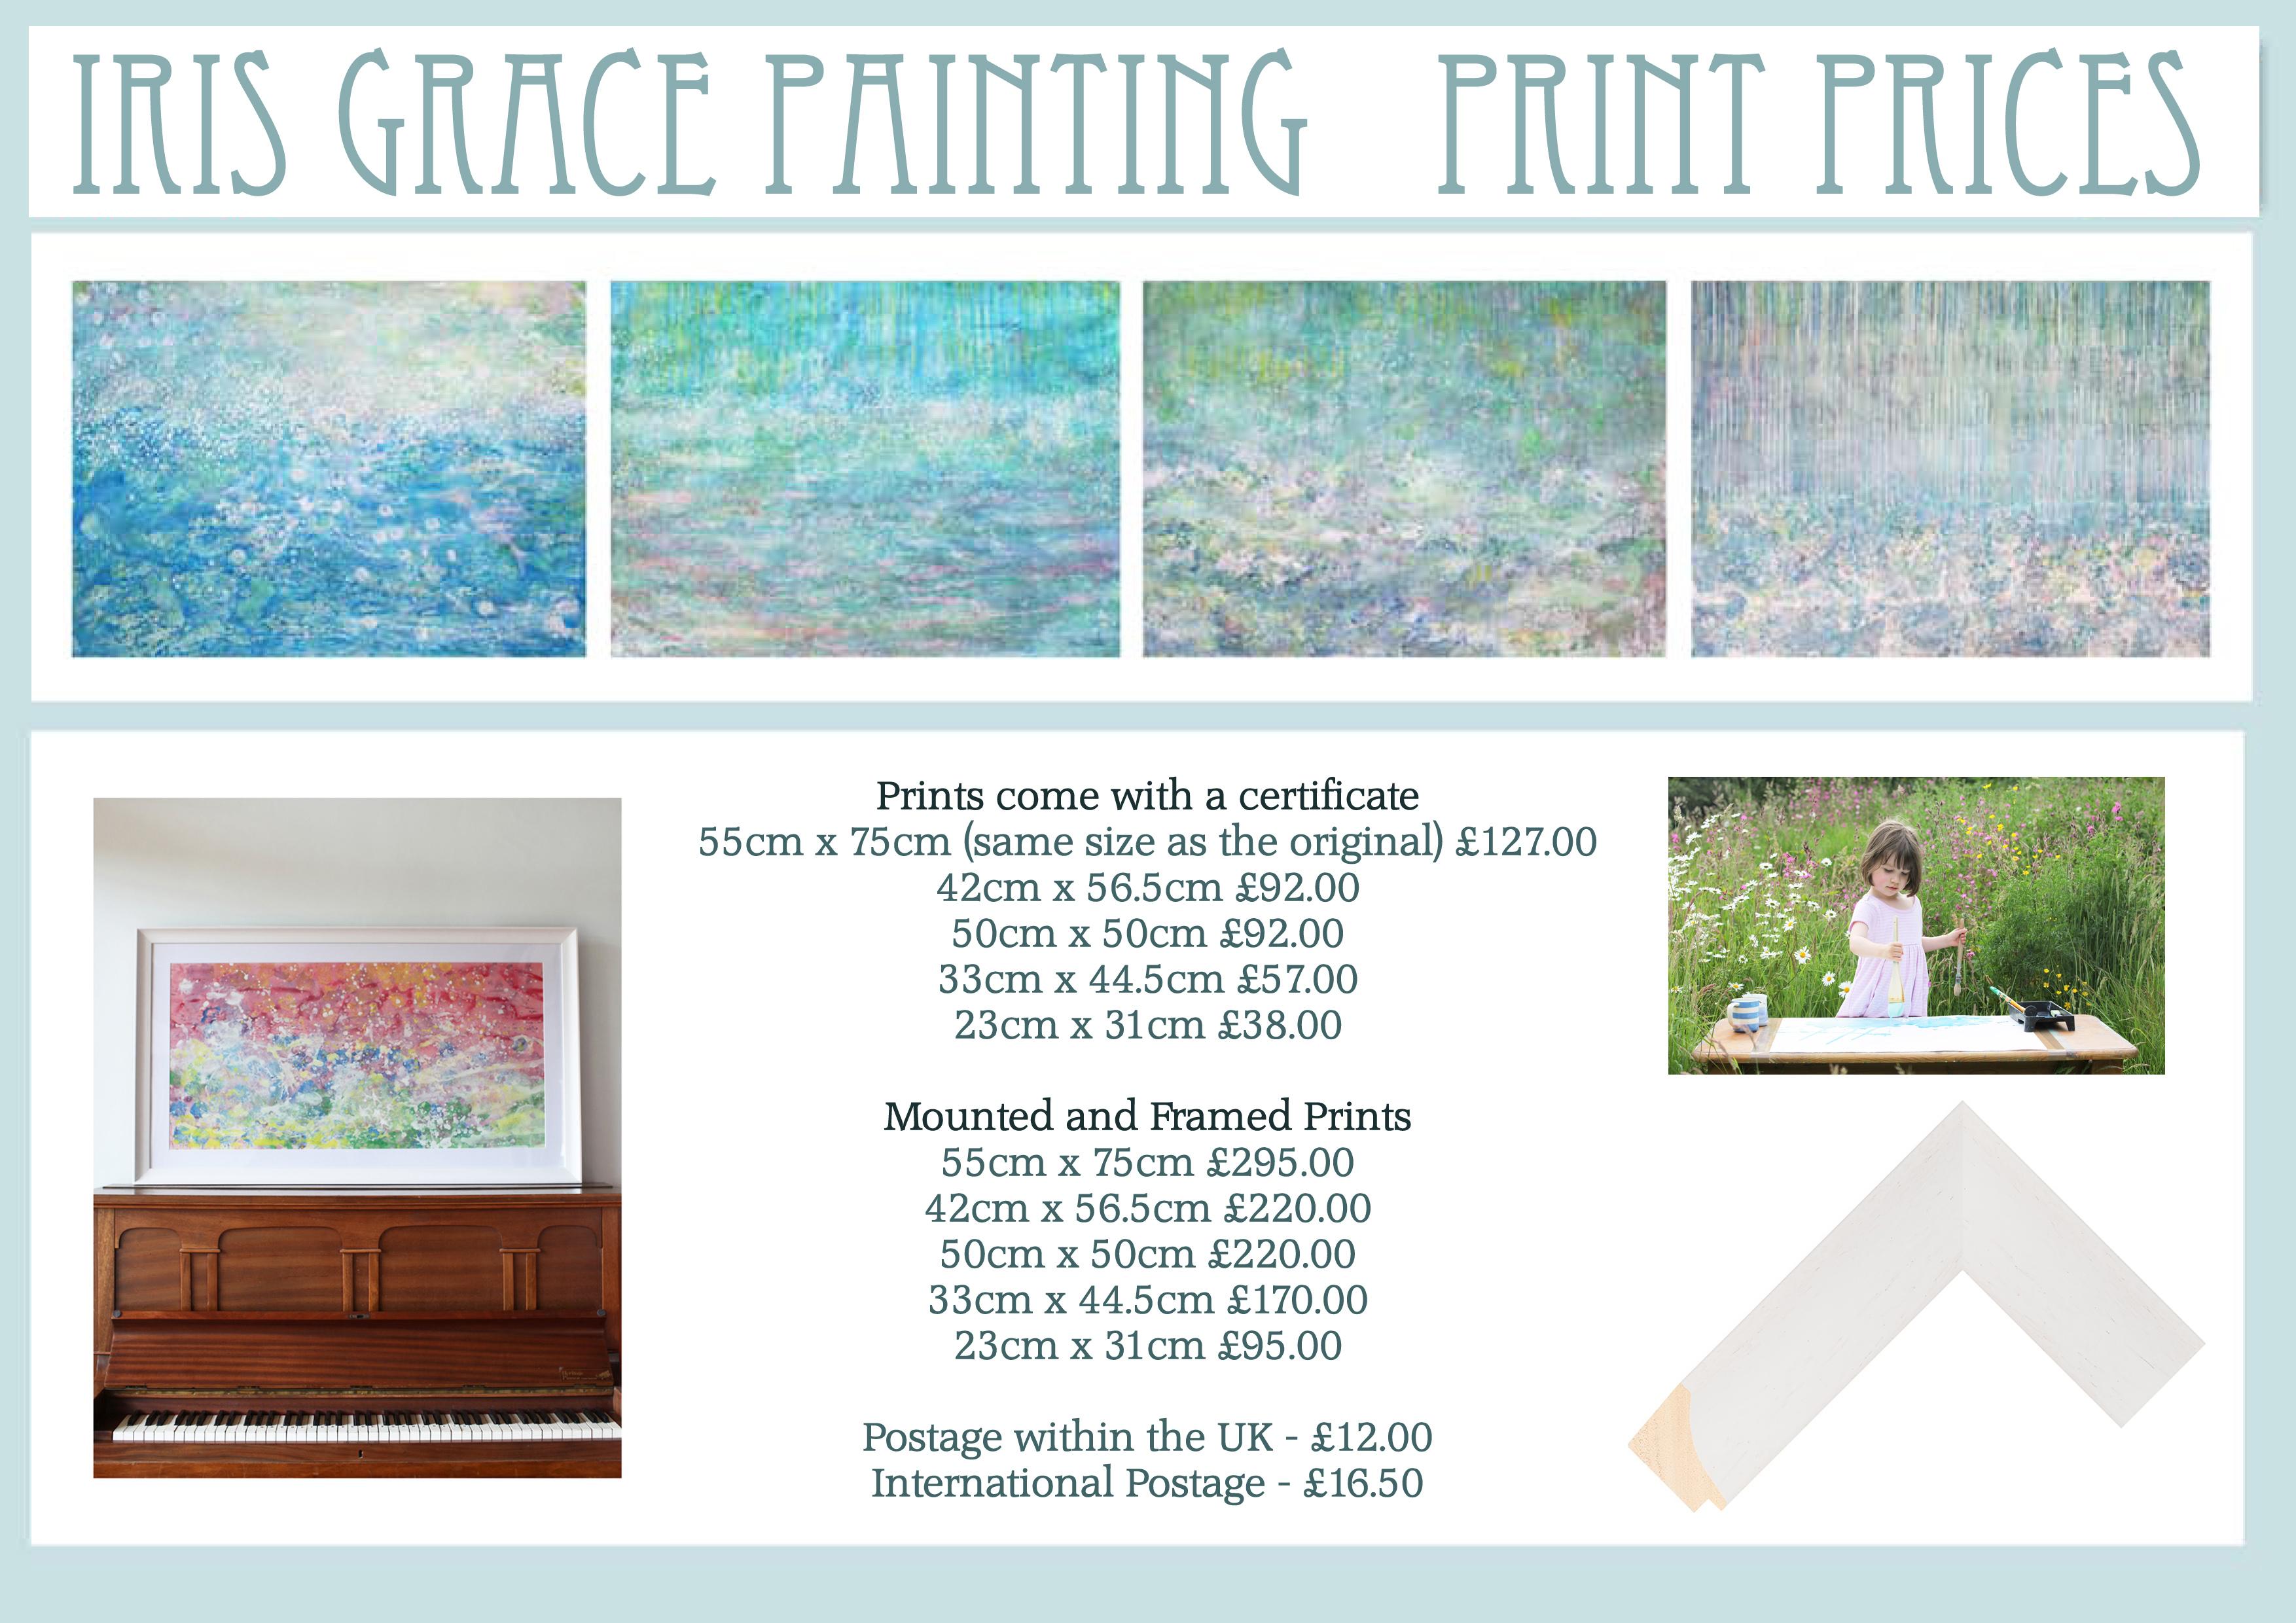 iris-grace-painting-print-prices